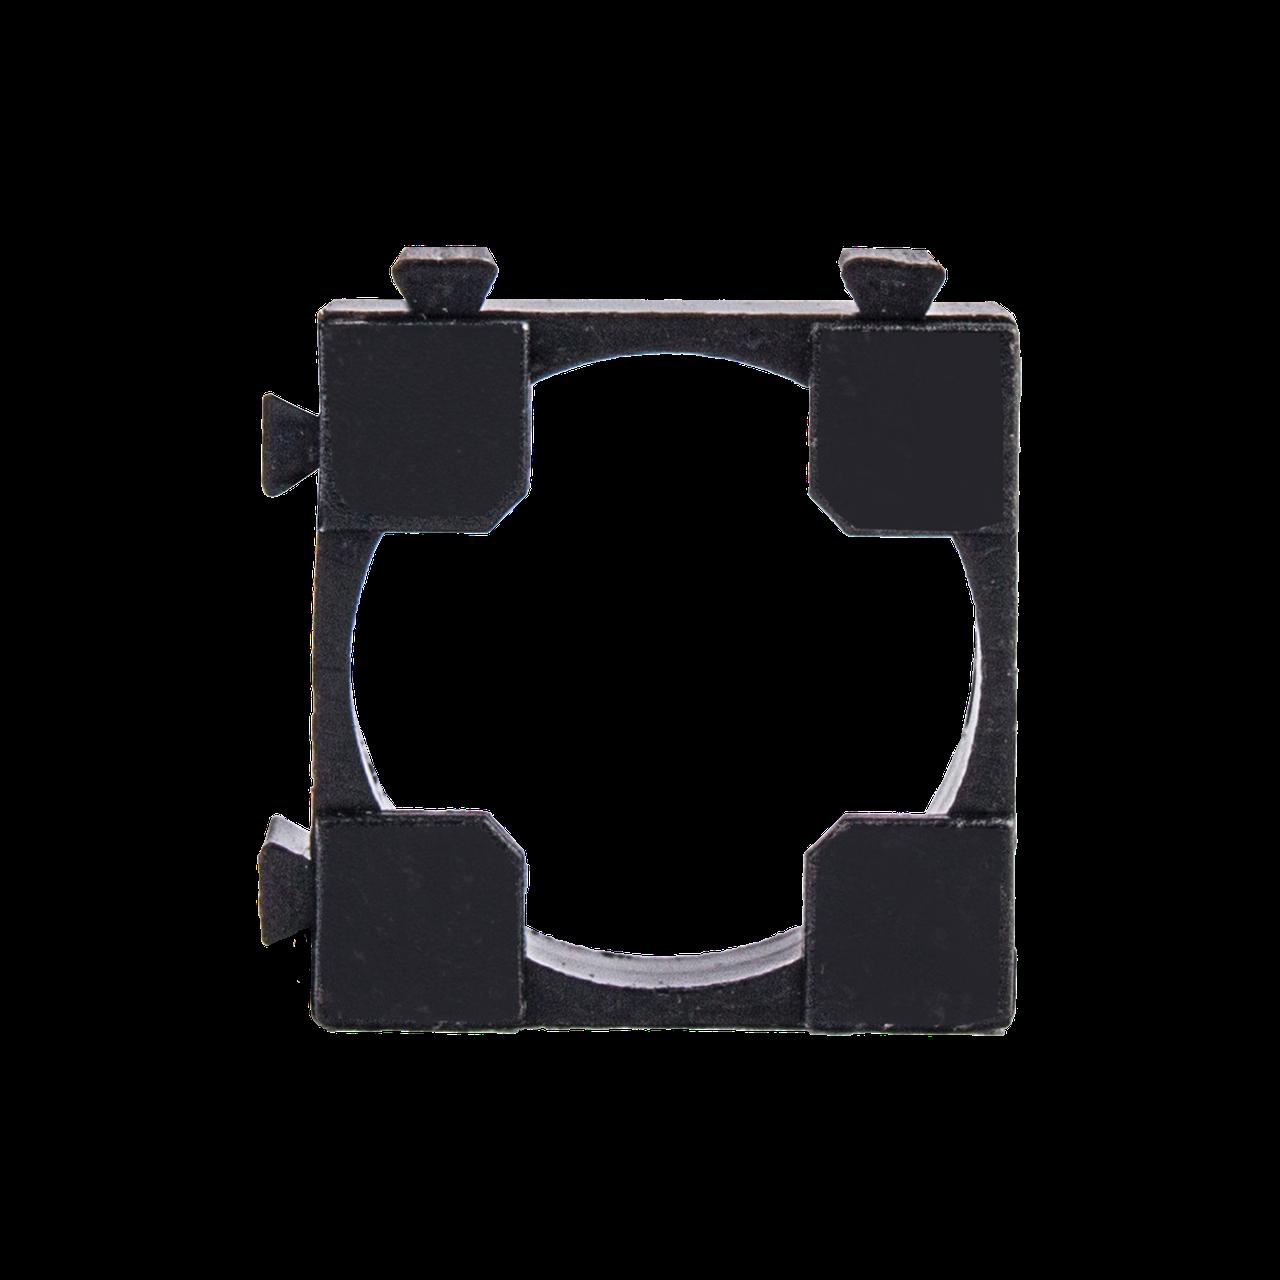 Держатель (кронштейн) аккумуляторного блока 18650 1х1 (1 шт)